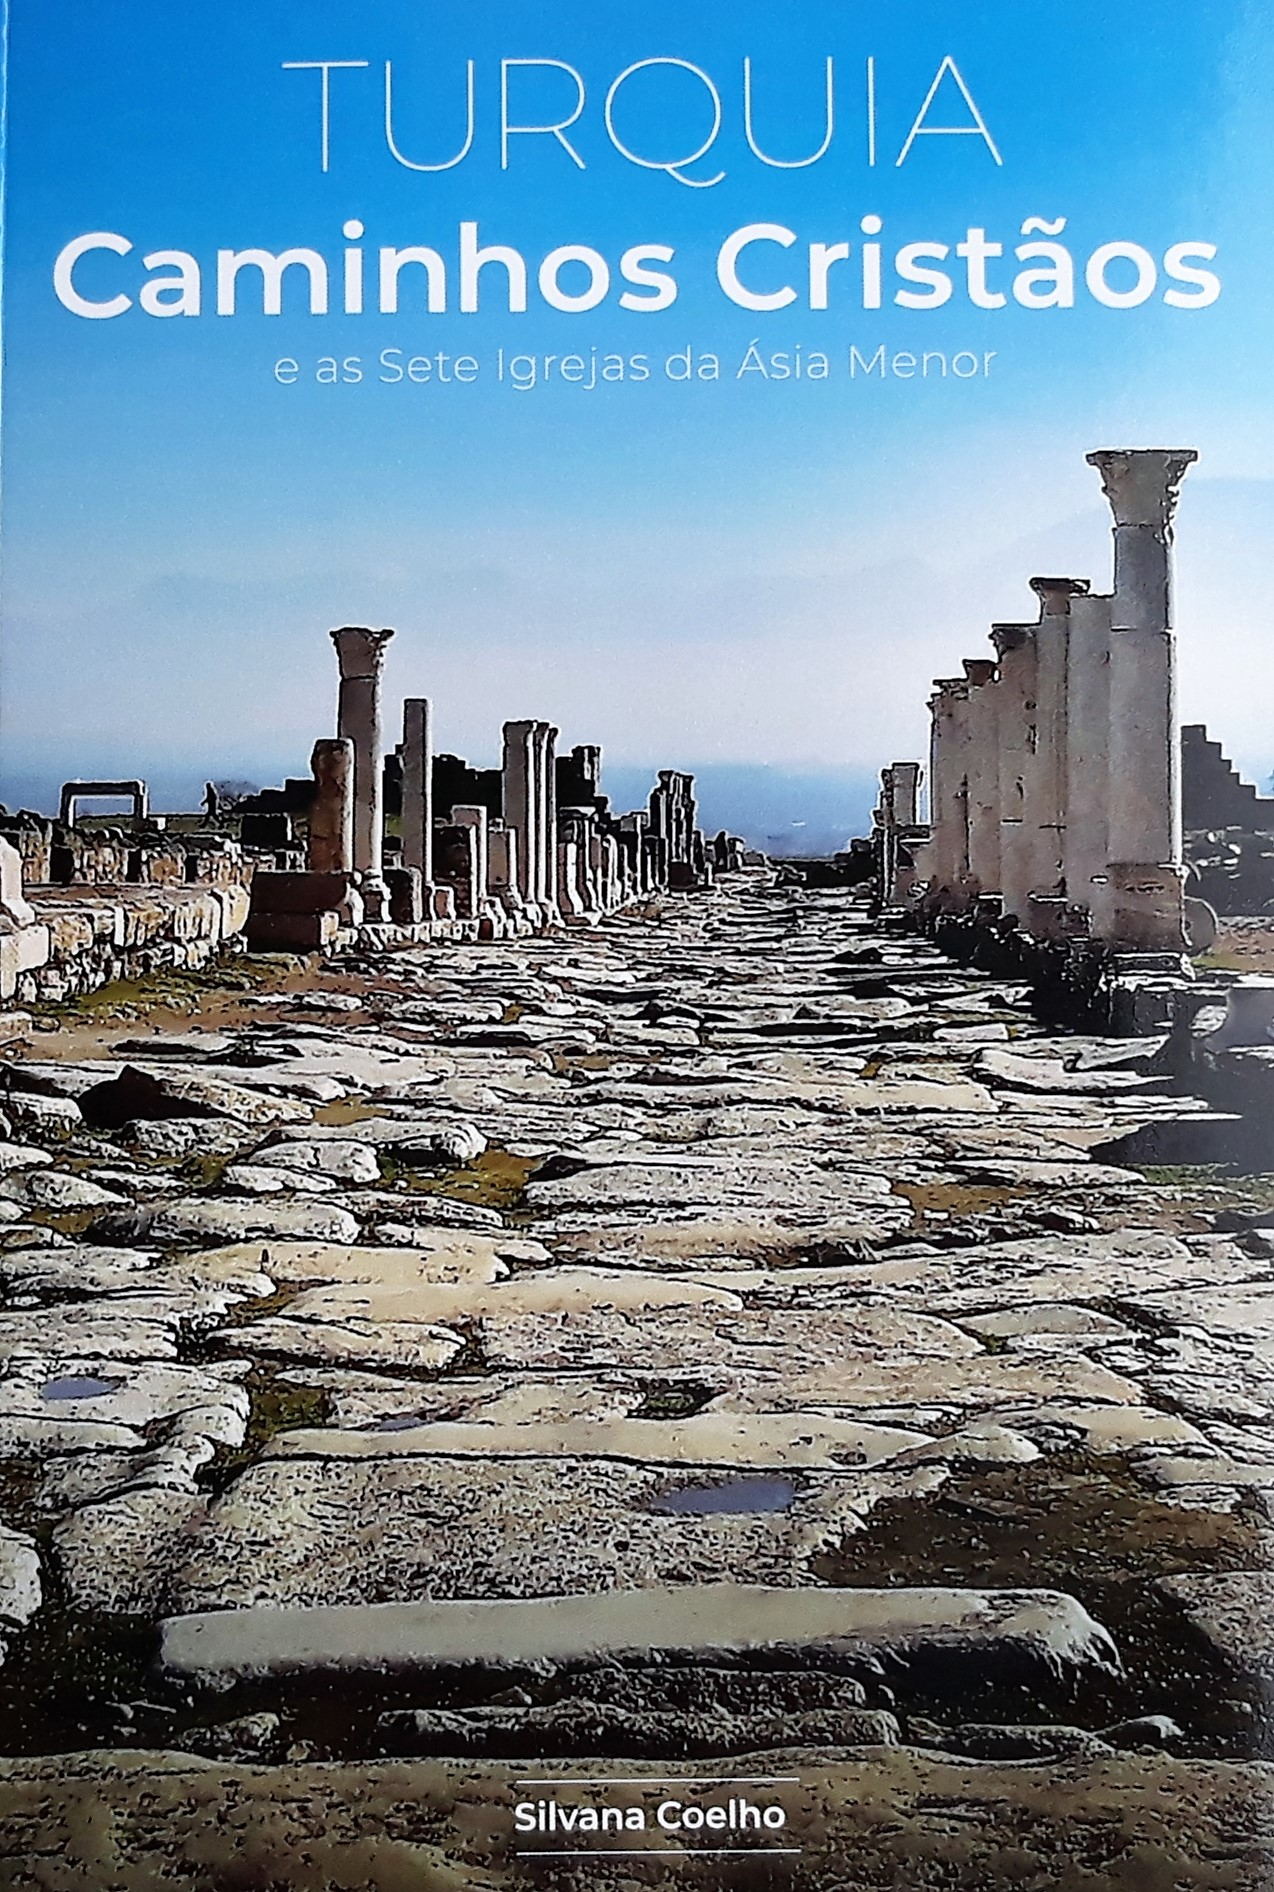 Lançamento do livro Turquia – Caminhos Cristãos e as Sete Igrejas da Ásia Menor